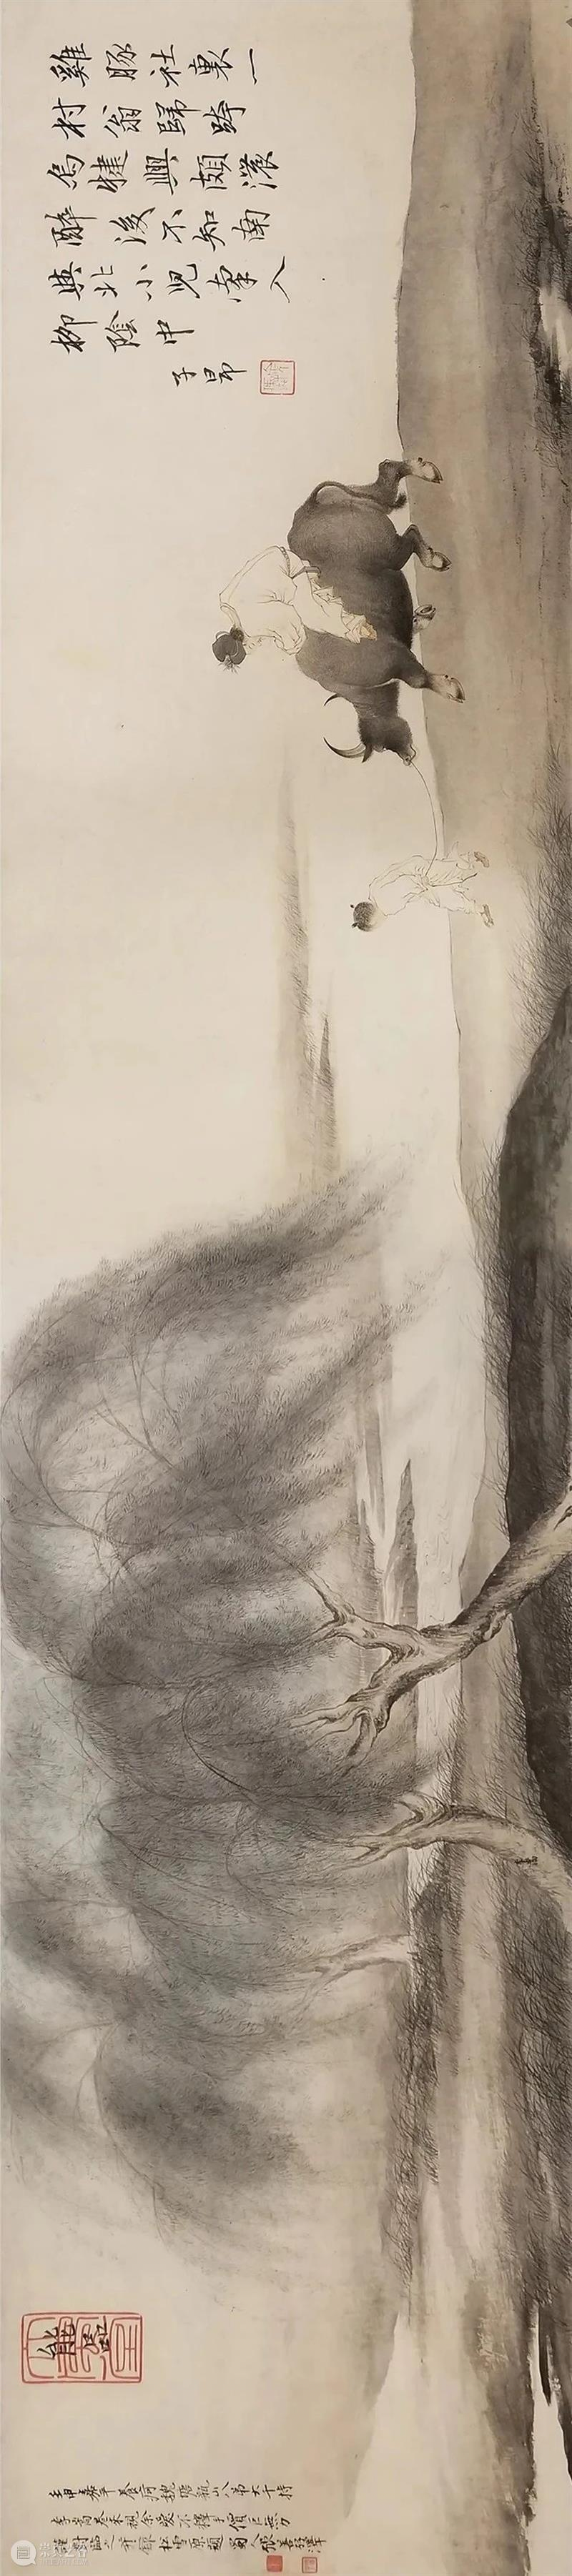 清华藏珍 · 云欣赏   大年初五财神到 牛年牛日迎福早 牛日 财神 清华藏珍 大年初五 牛年 中国 文化 地位 含义 说文解字 崇真艺客